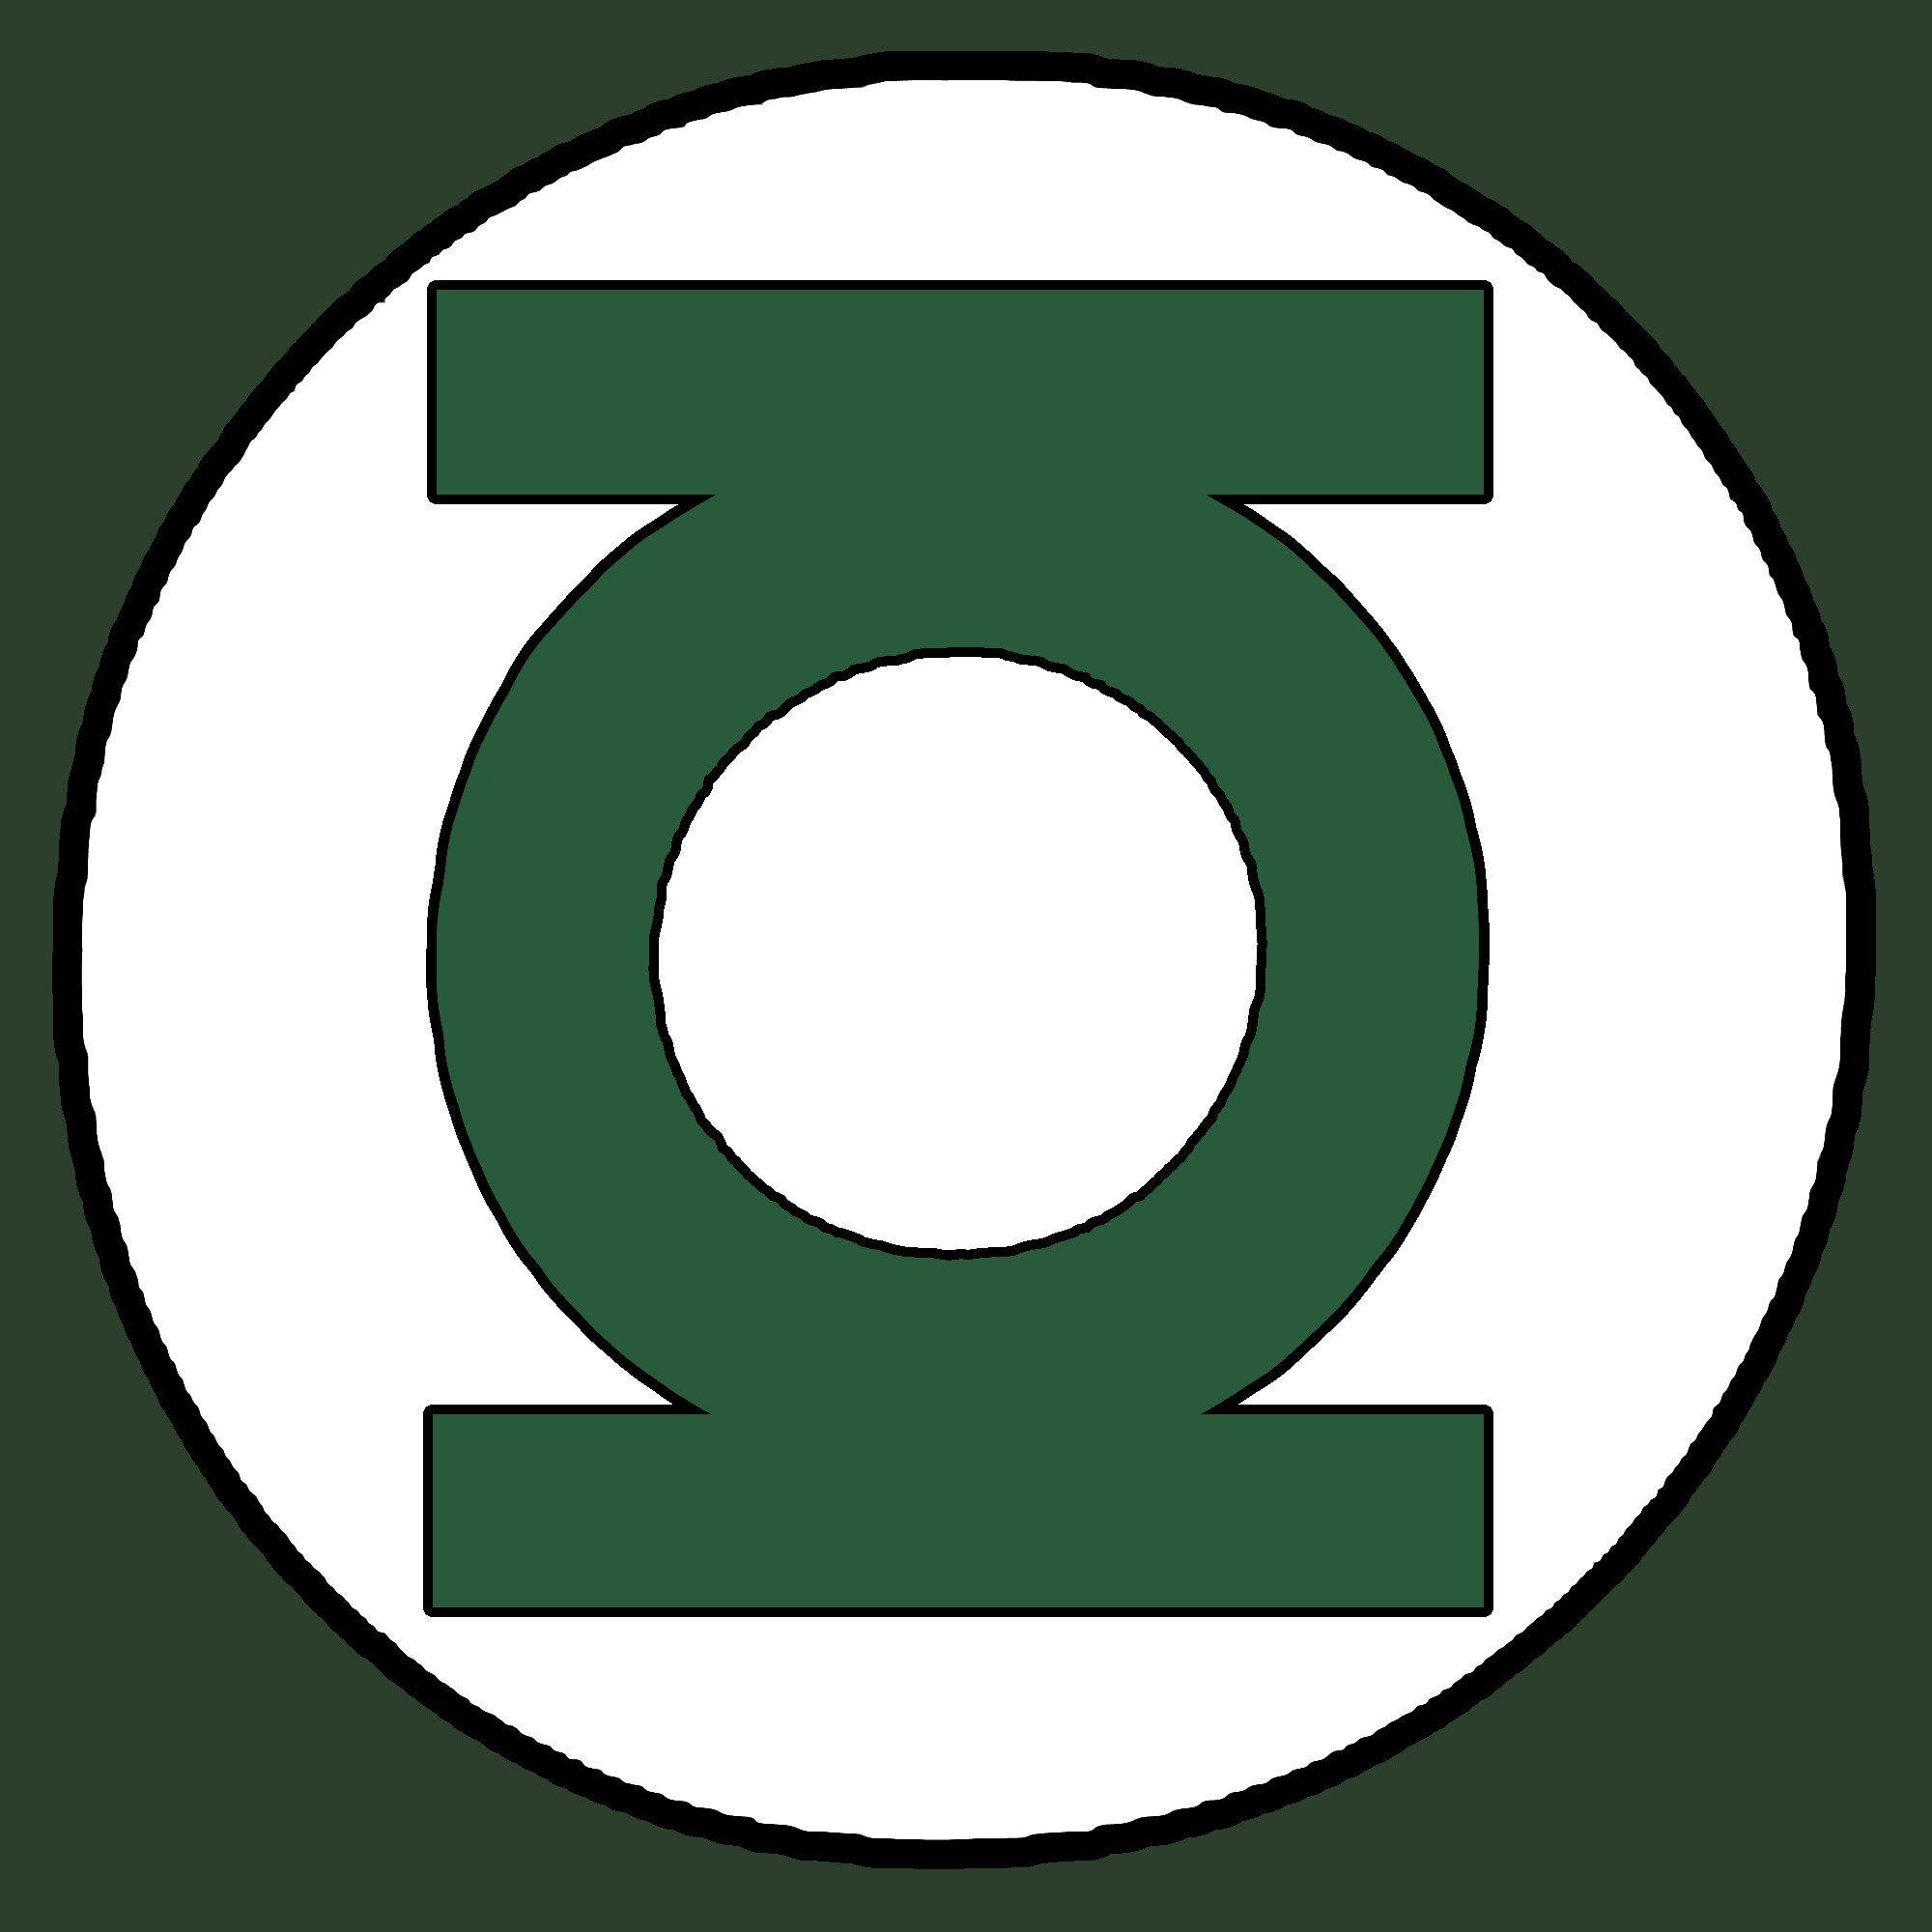 Superhero Emblems, Superhero Logo